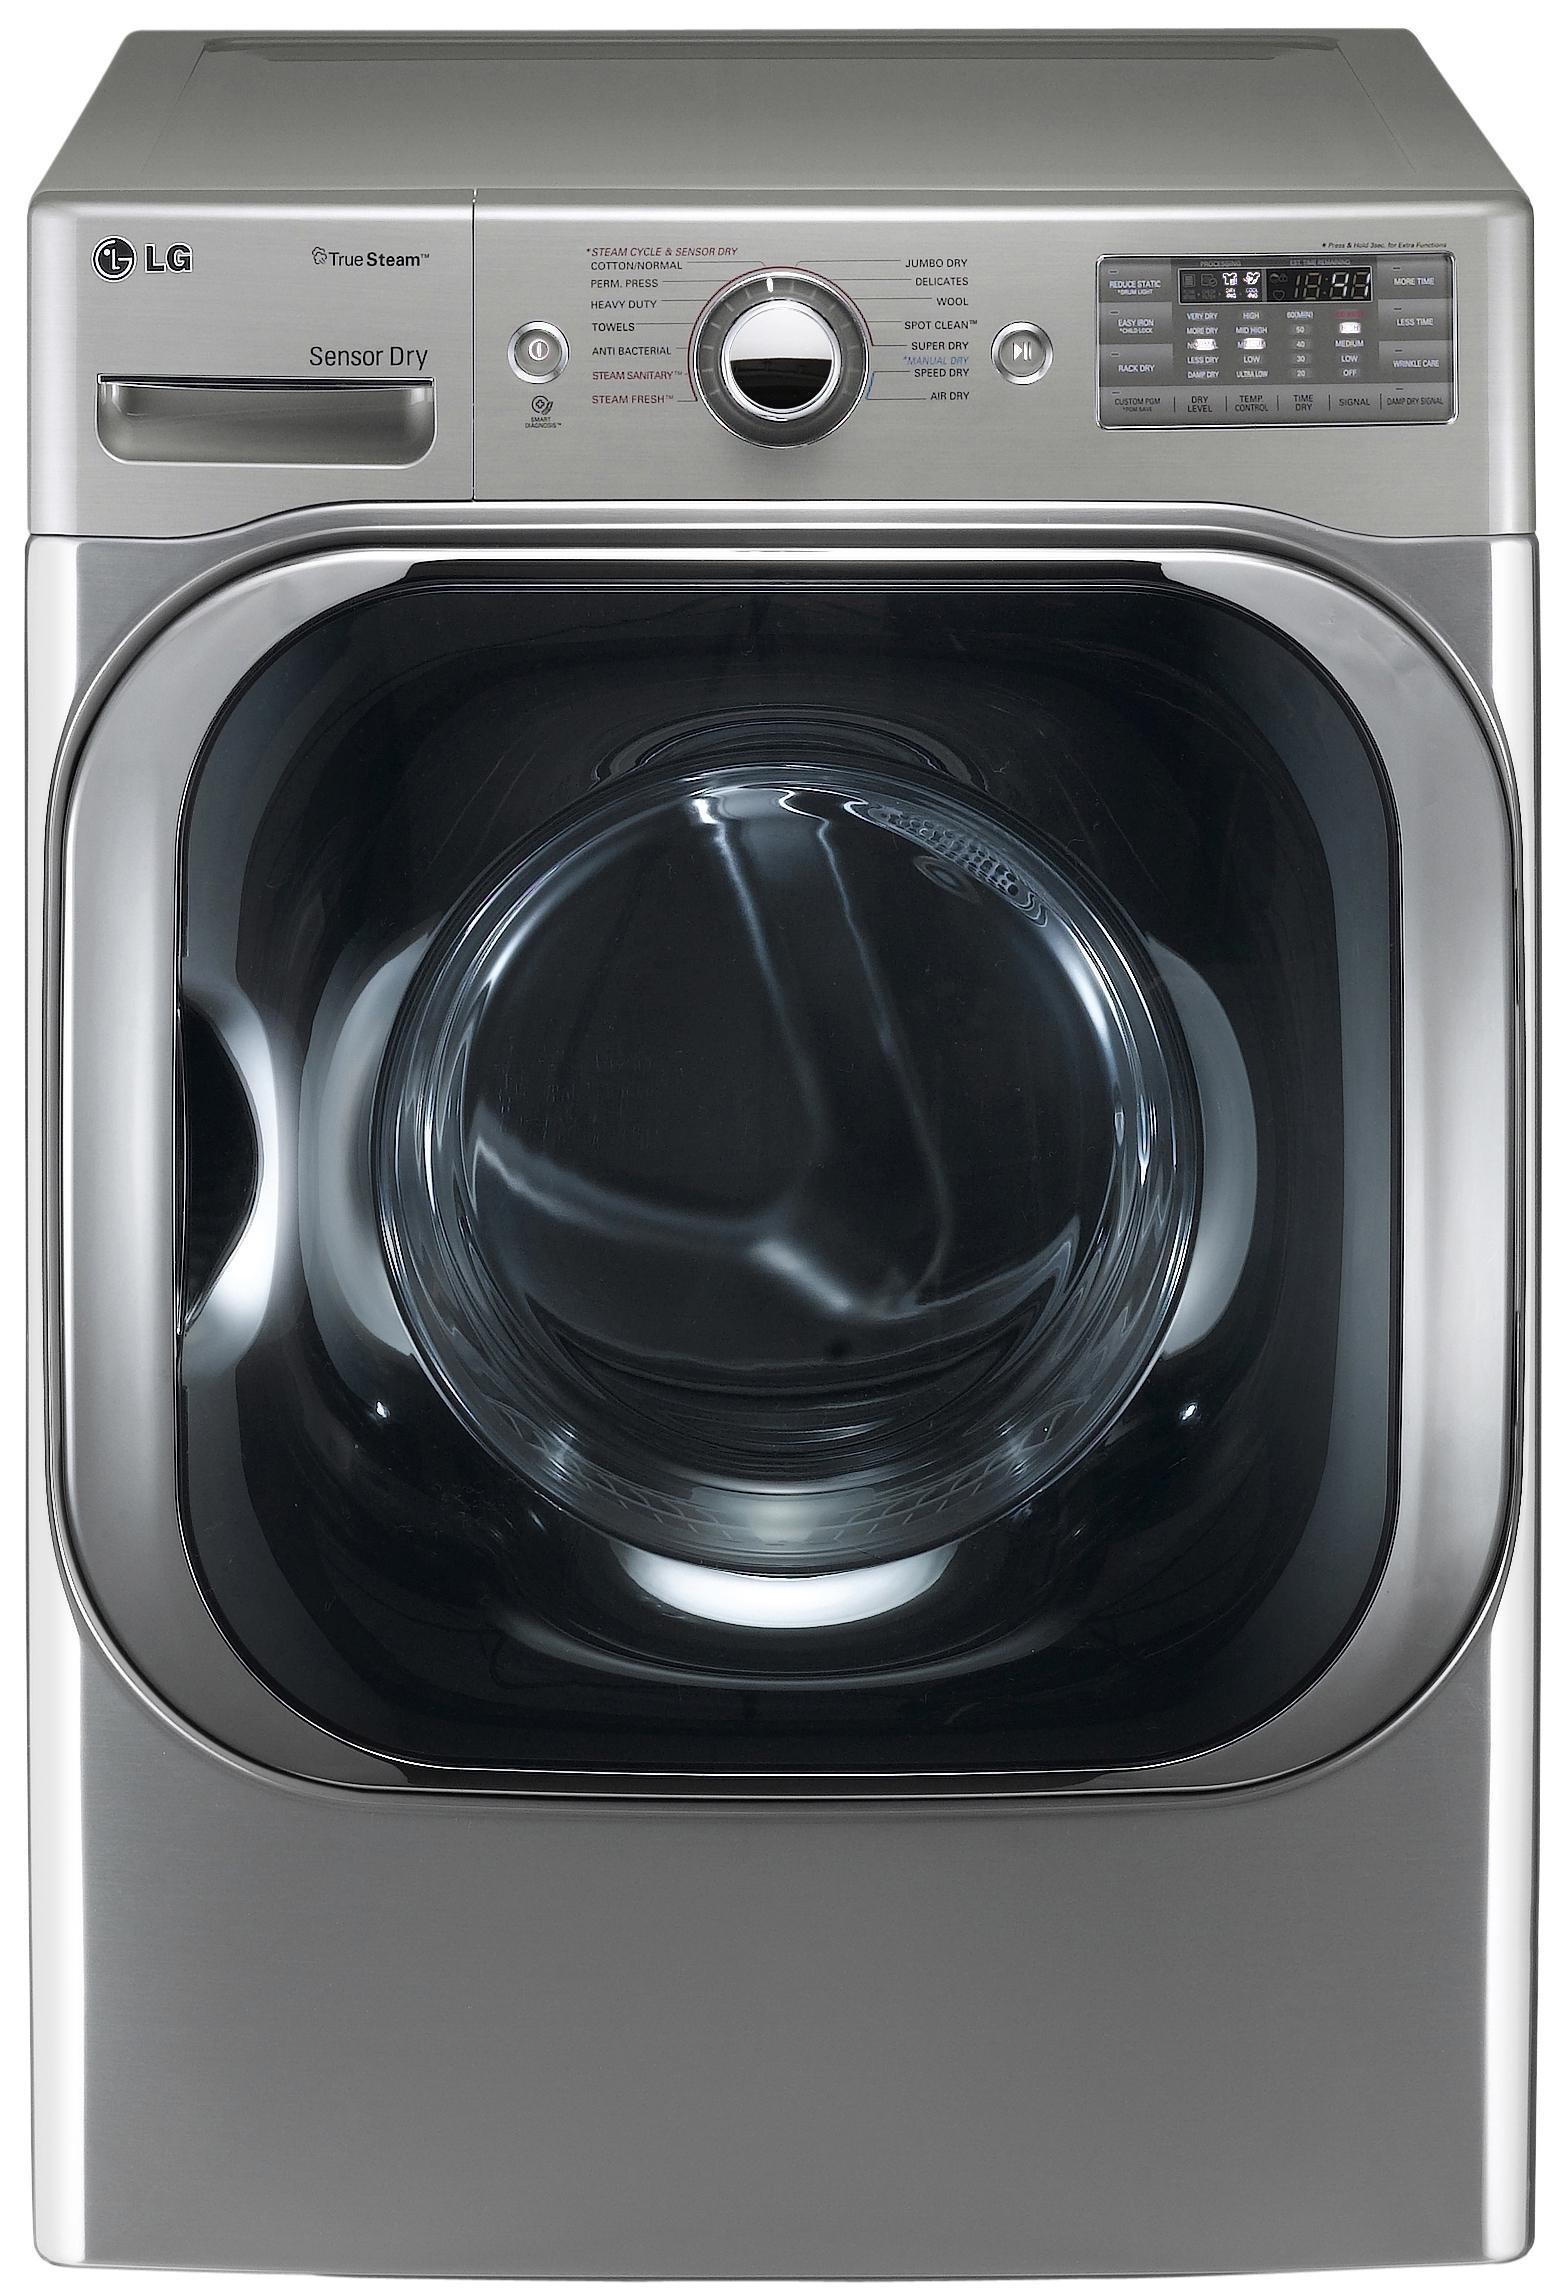 LG Appliances Gas Dryers 9.0 Cu. Ft. Front-Load Gas Dryer - Item Number: DLGX8001V